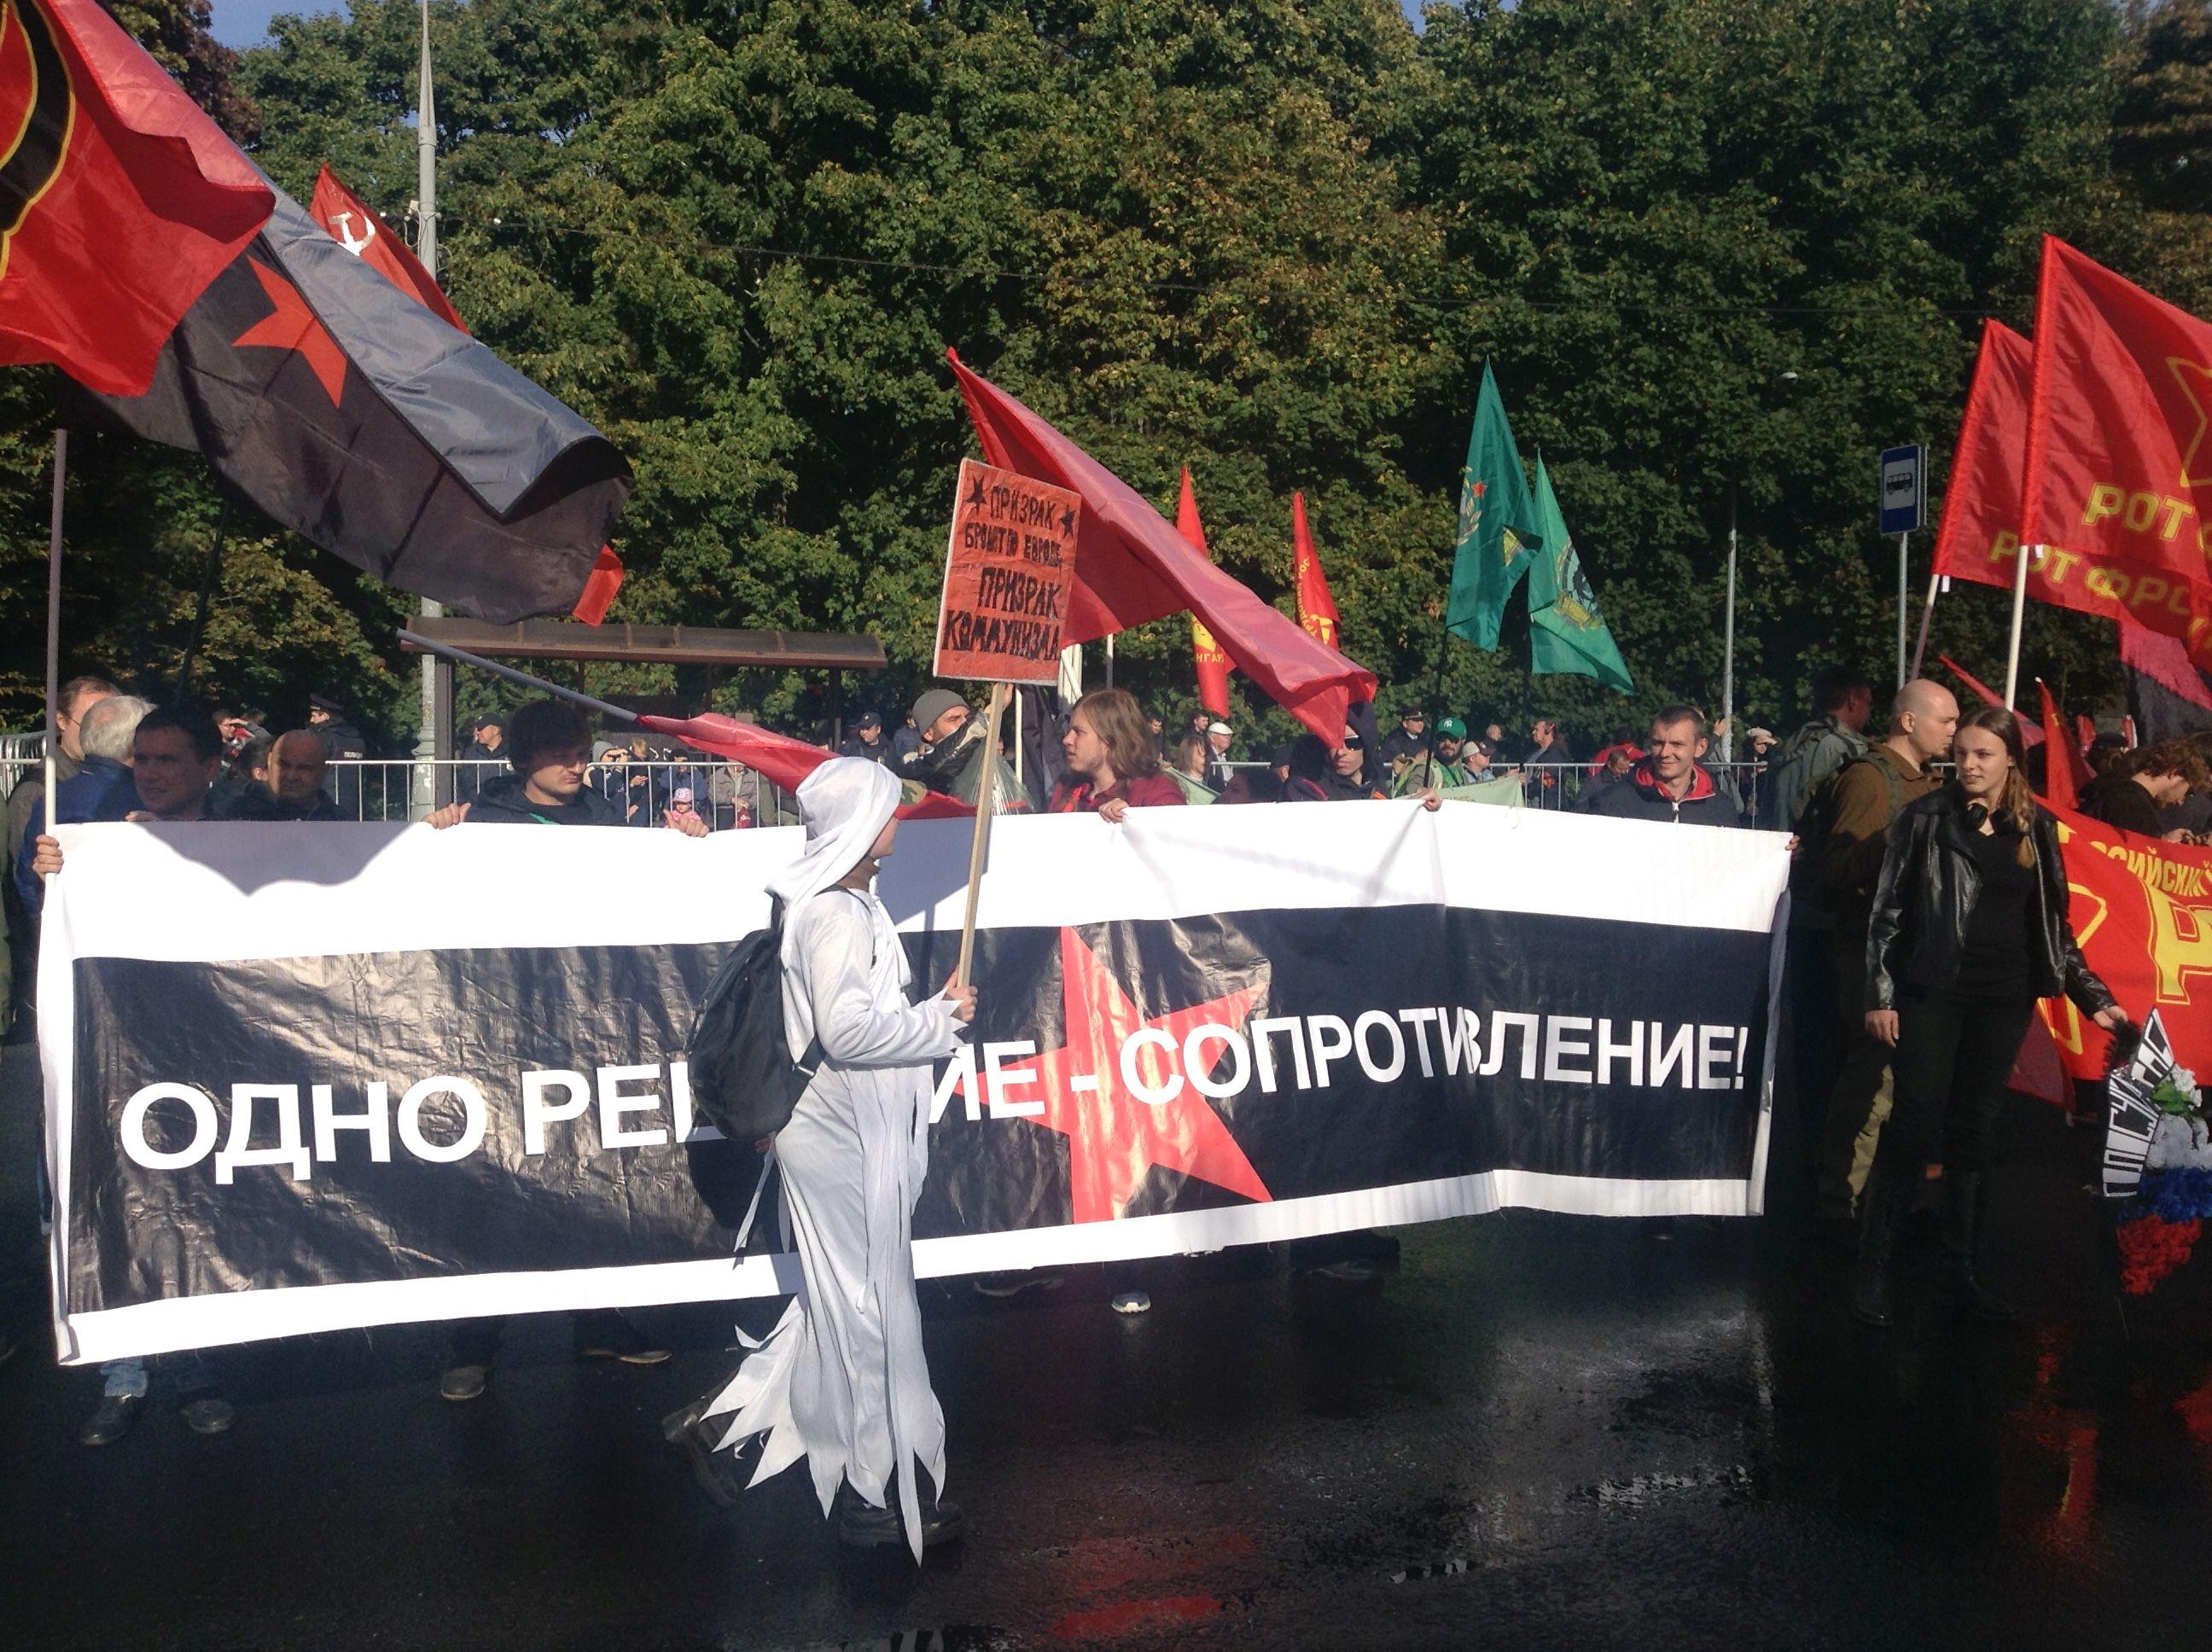 23 سبتمبر في روسيا IMG_7228